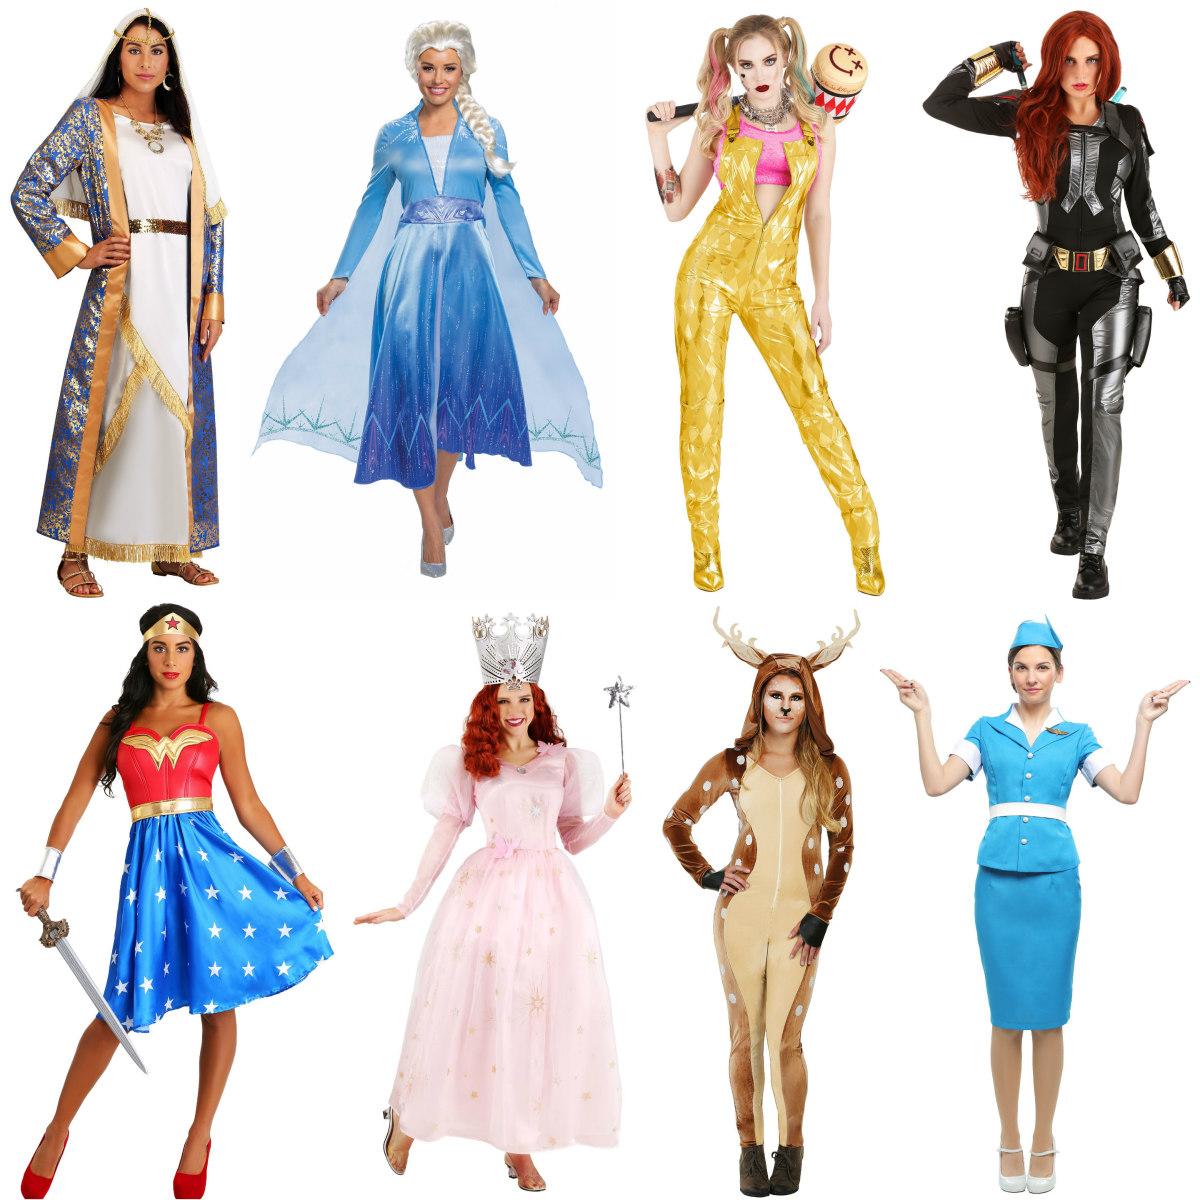 Women's Purim Costumes